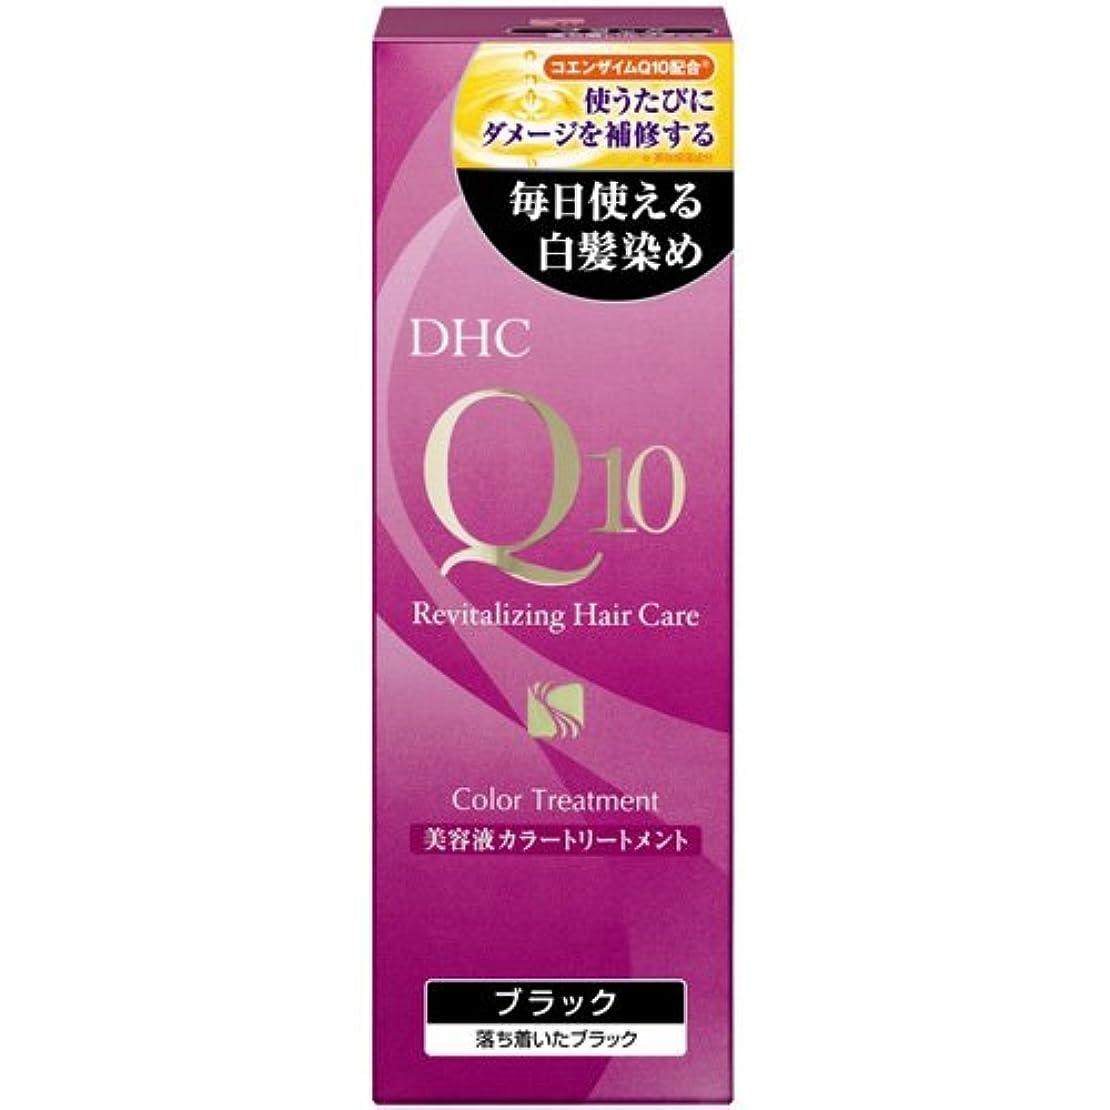 解決するの頭の上コジオスコDHC Q10美溶液カラートリートメントブラックSS170g